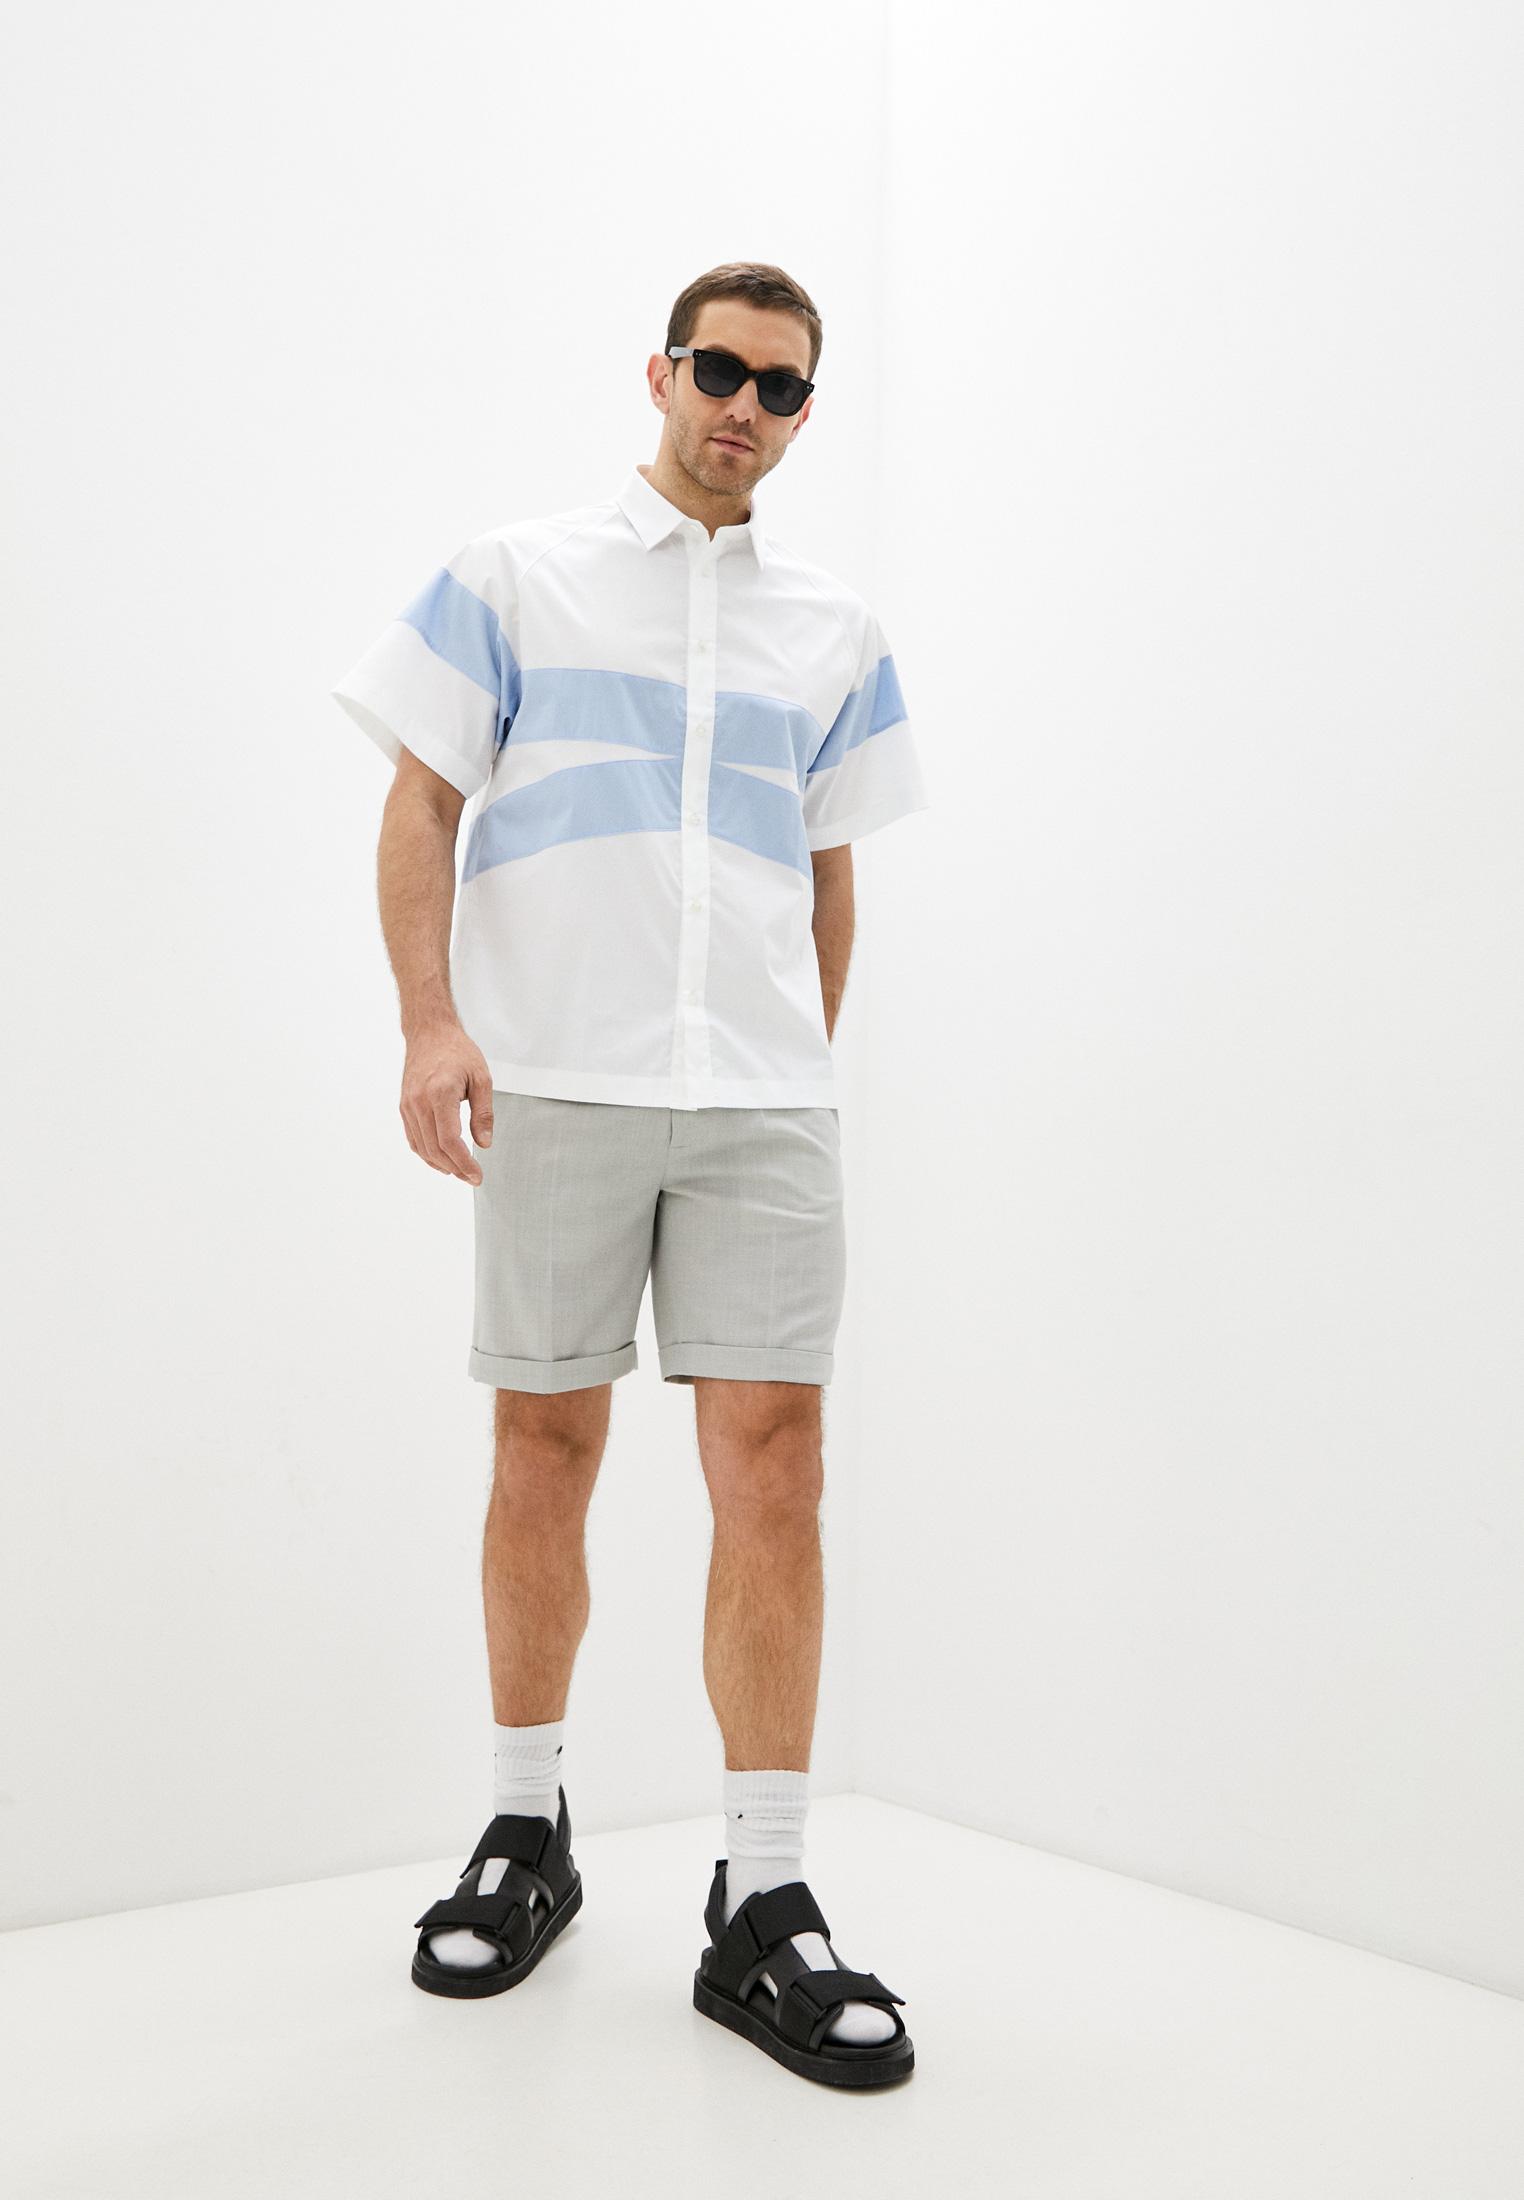 Рубашка с коротким рукавом Bikkembergs (Биккембергс) C C 069 00 S 2931: изображение 3